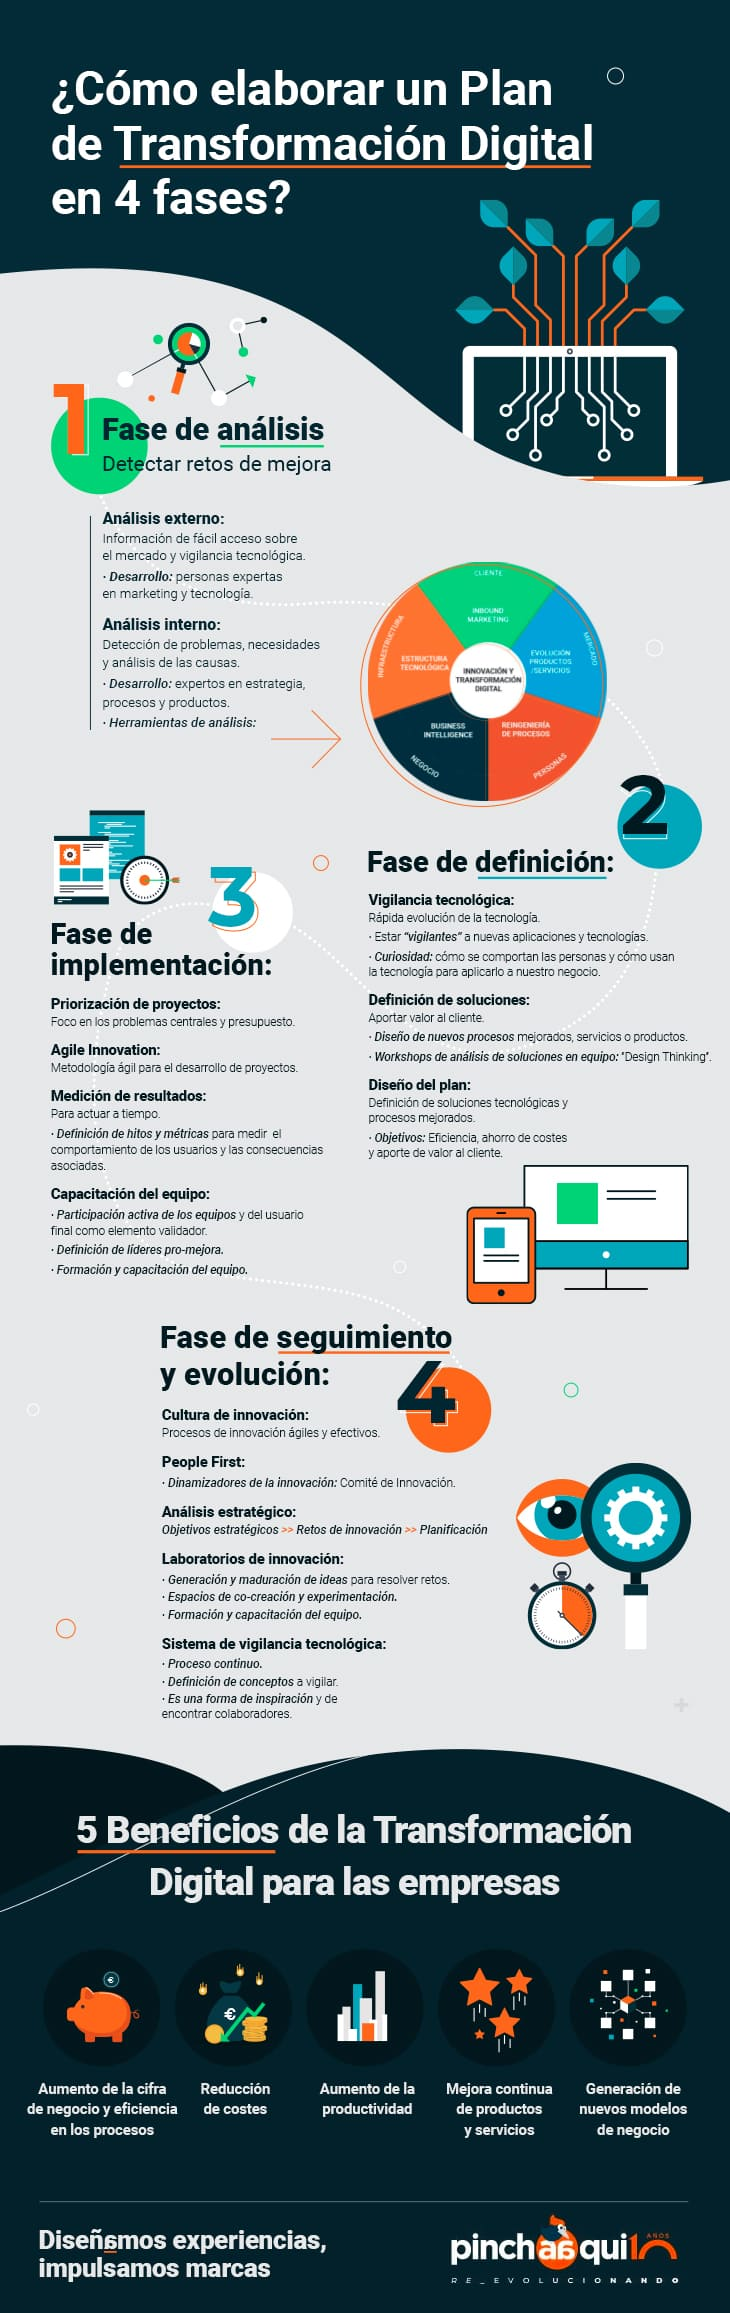 Infografía de las fases de la transformación digital en empresas